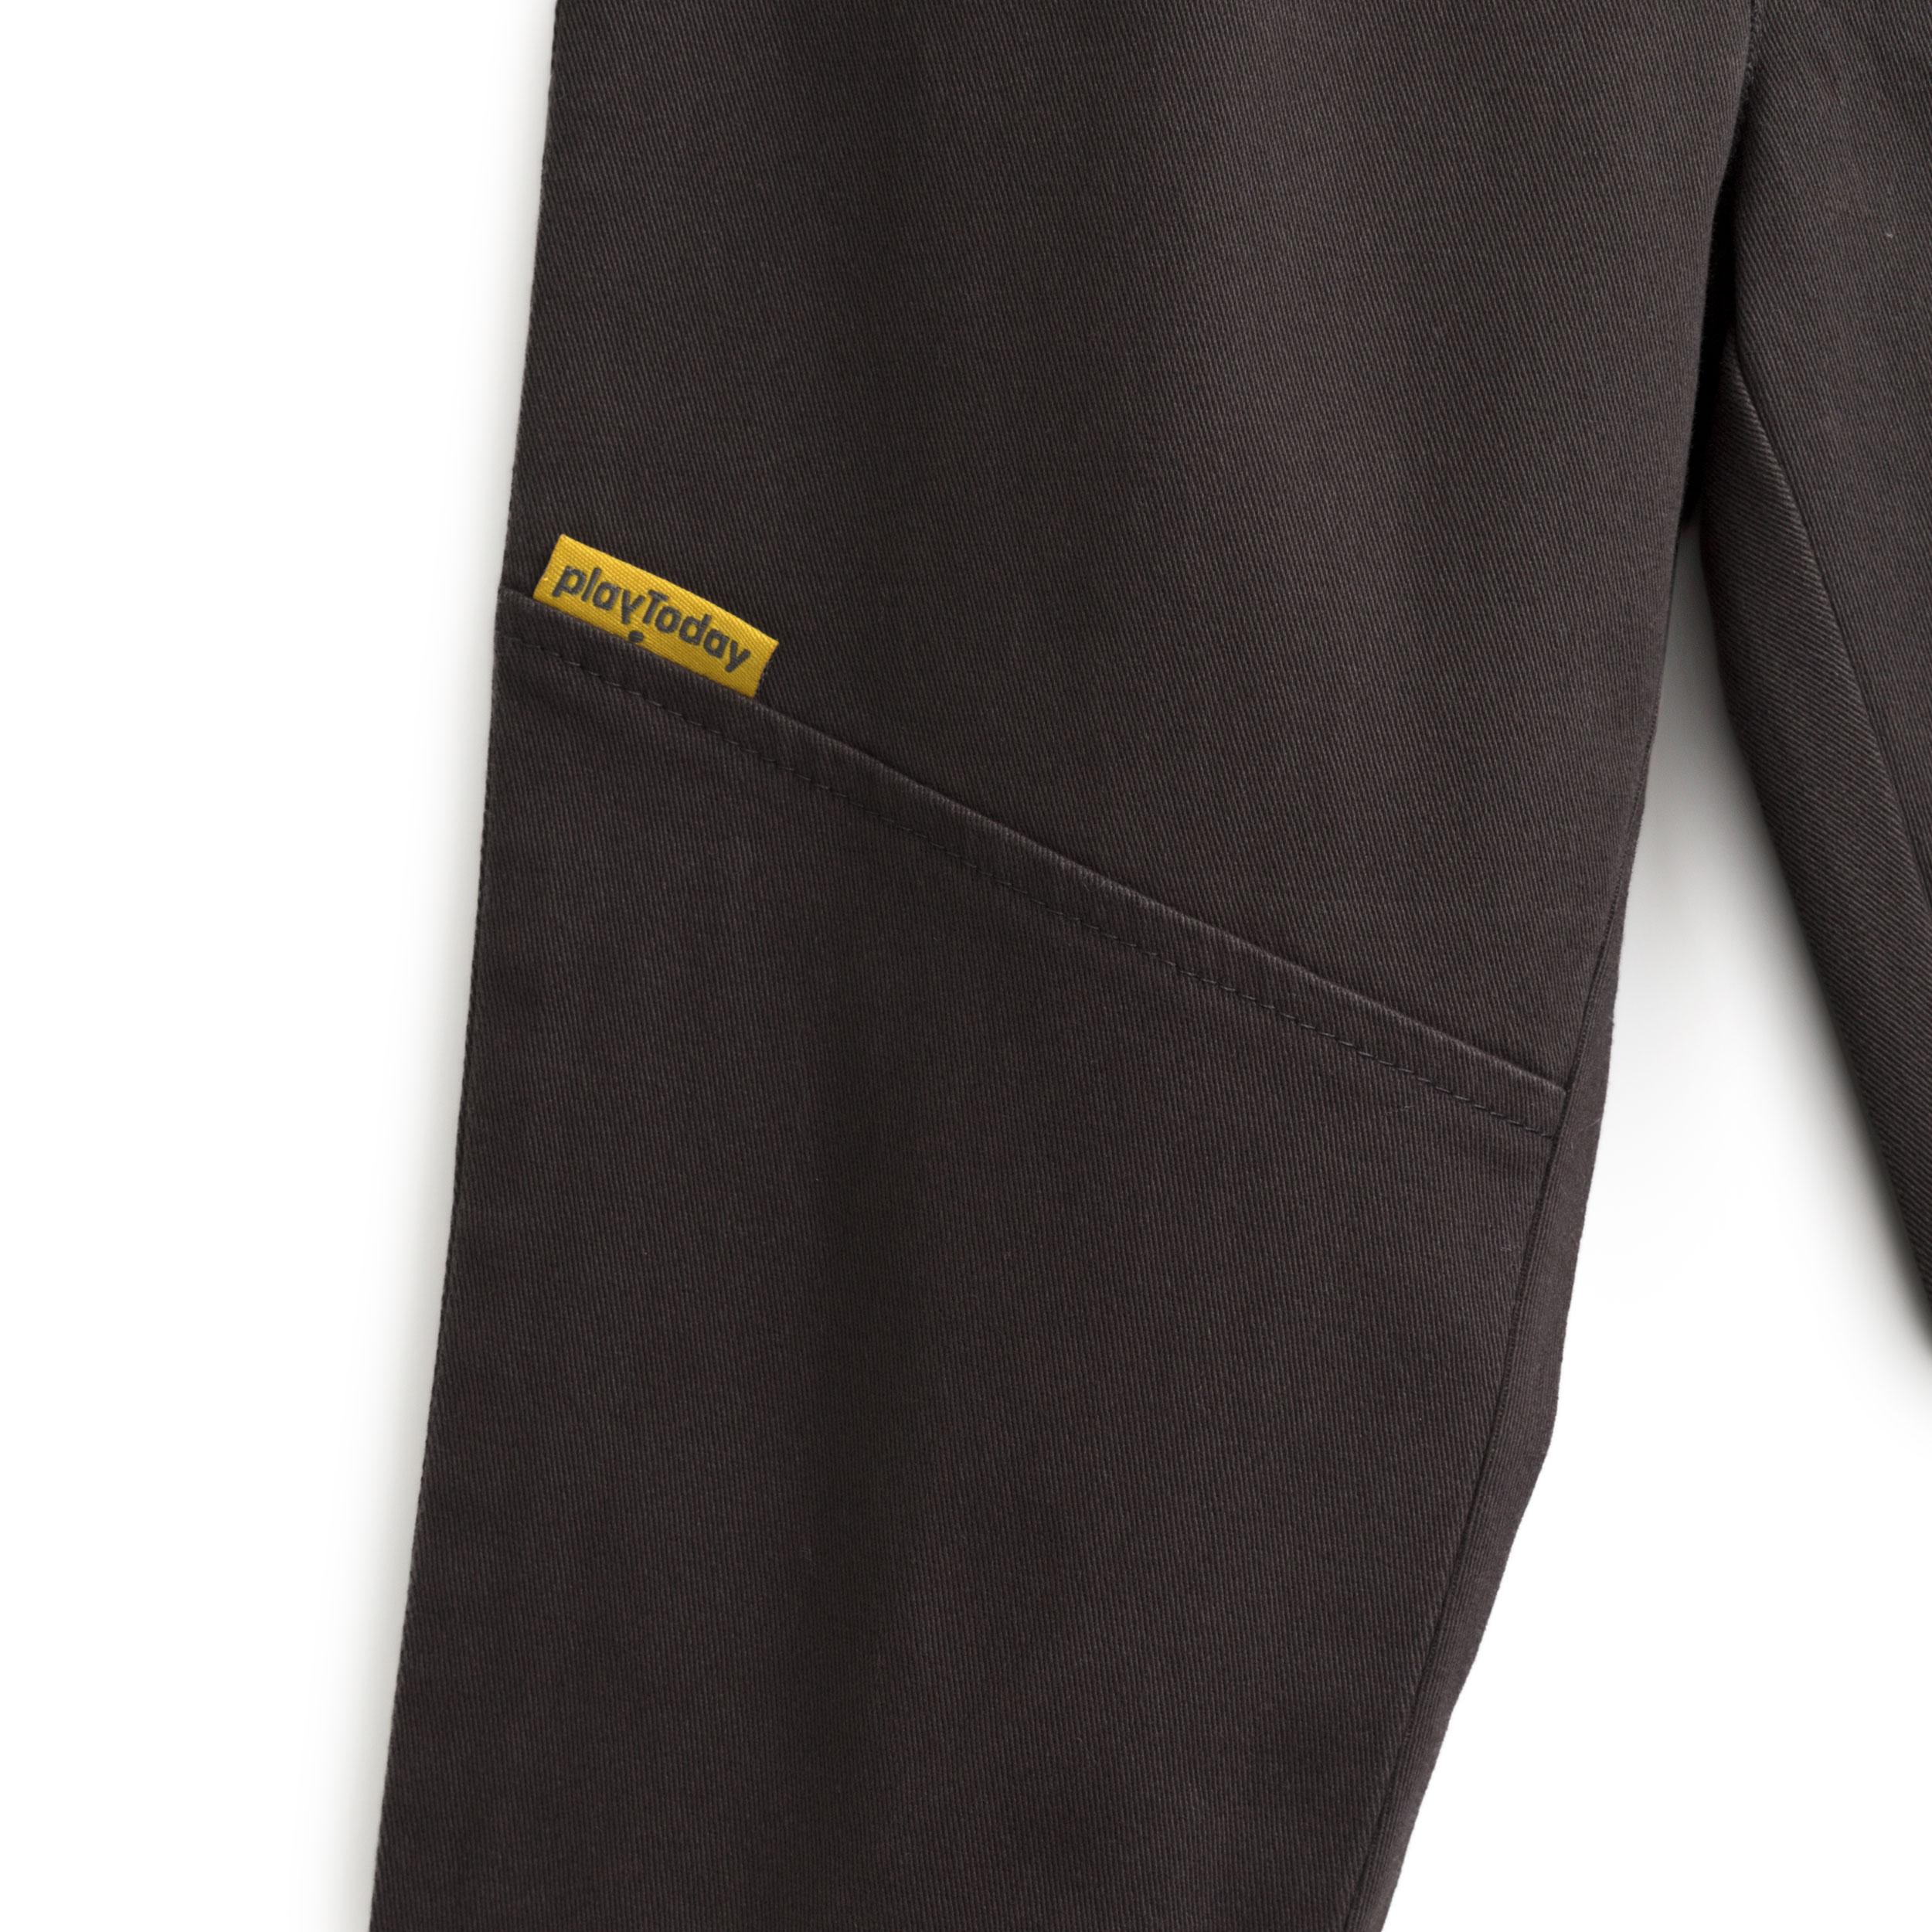 Брюки PlayToday, серый 80 размер19702180Удобные и практичные брюки для мальчиков с высоким содержанием хлопка в универсальной расцветке. Модель на эластичном поясе с декоративной завязкой, ложными карманами по бокам, резинками на манжетах и фирменной яркой нашивкой.